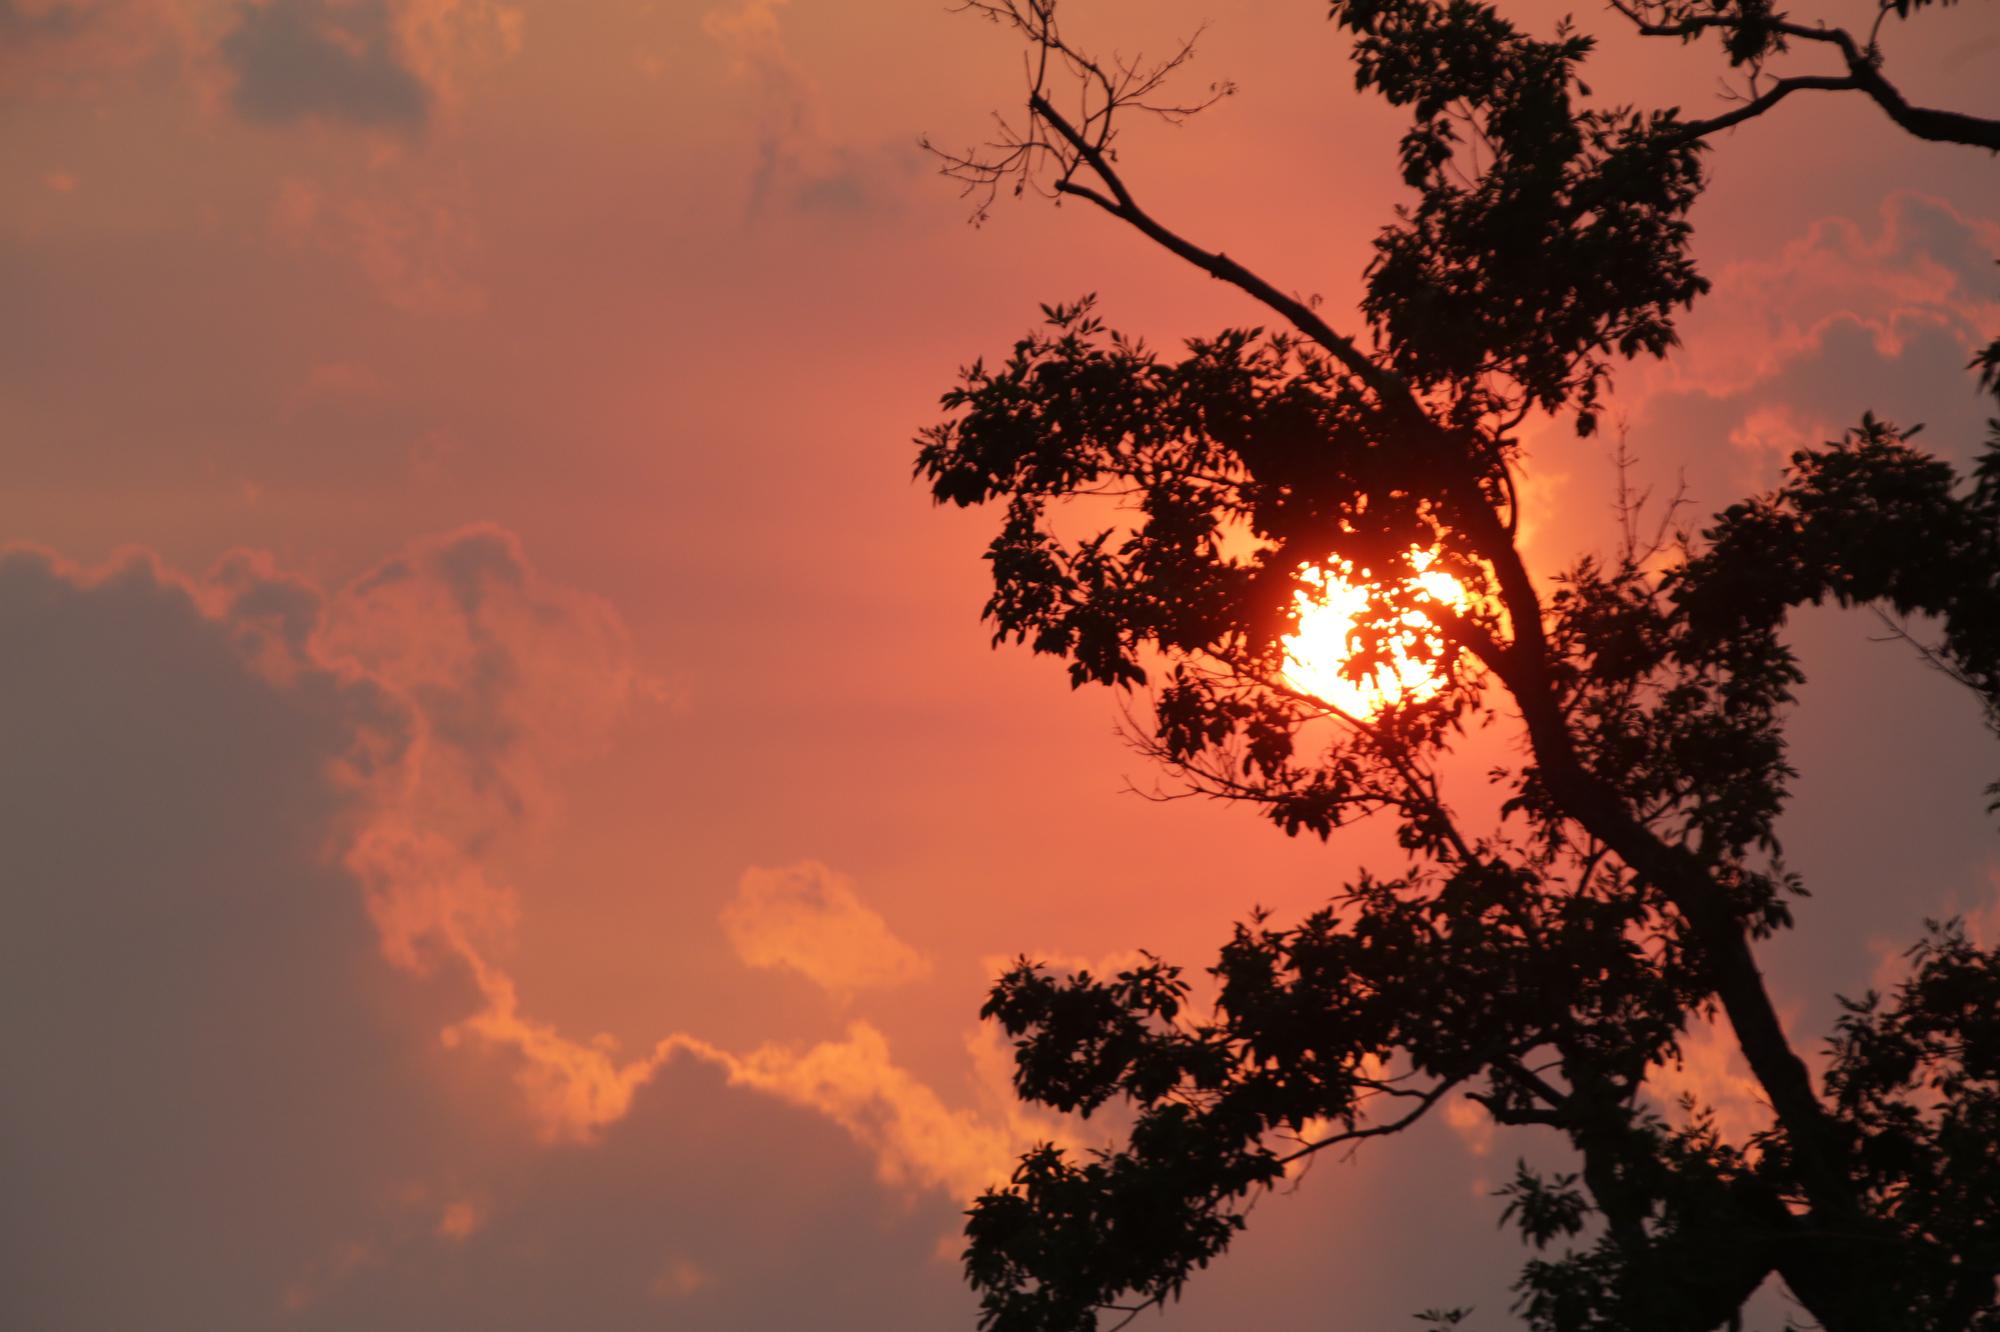 SUNSET WILDFIRE AIR QUALITY DENVER CITY PARK